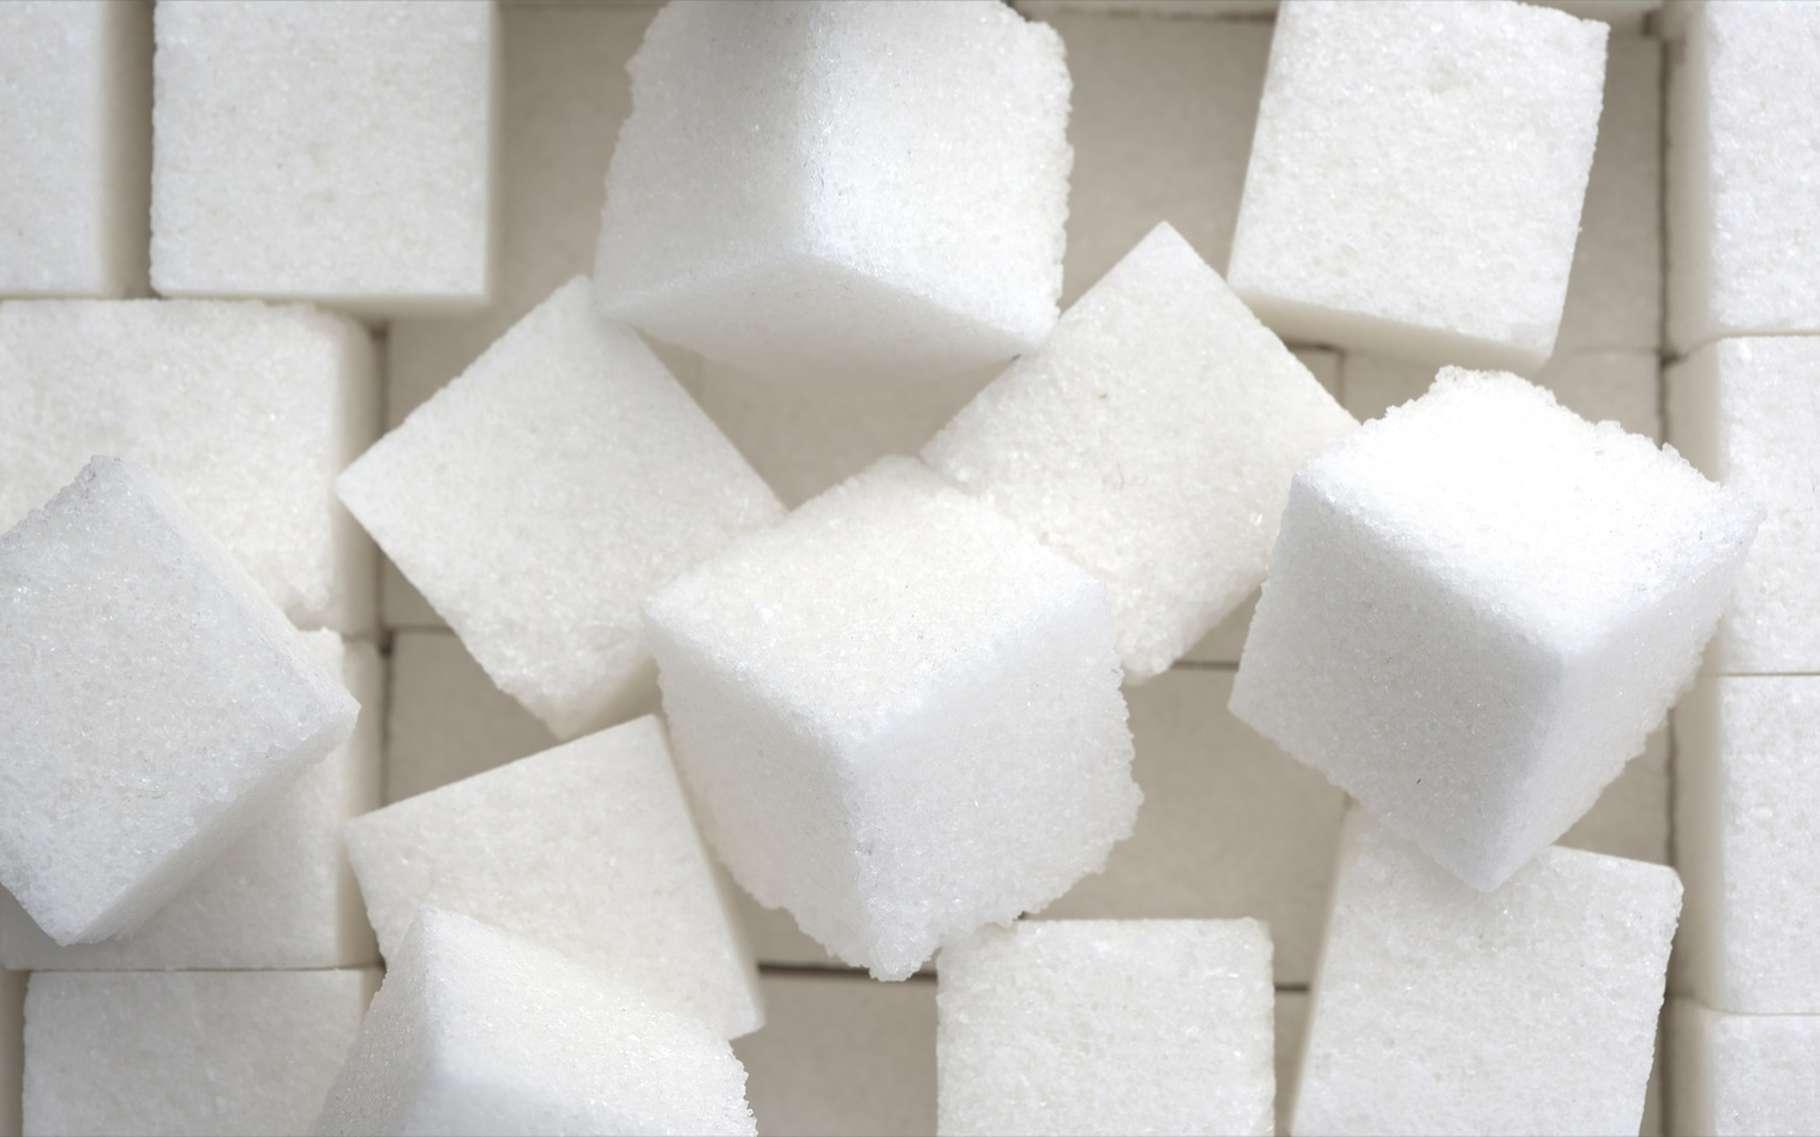 Le saccharose est la molécule présente dans le sucre de table. © Chones, Shutterstock